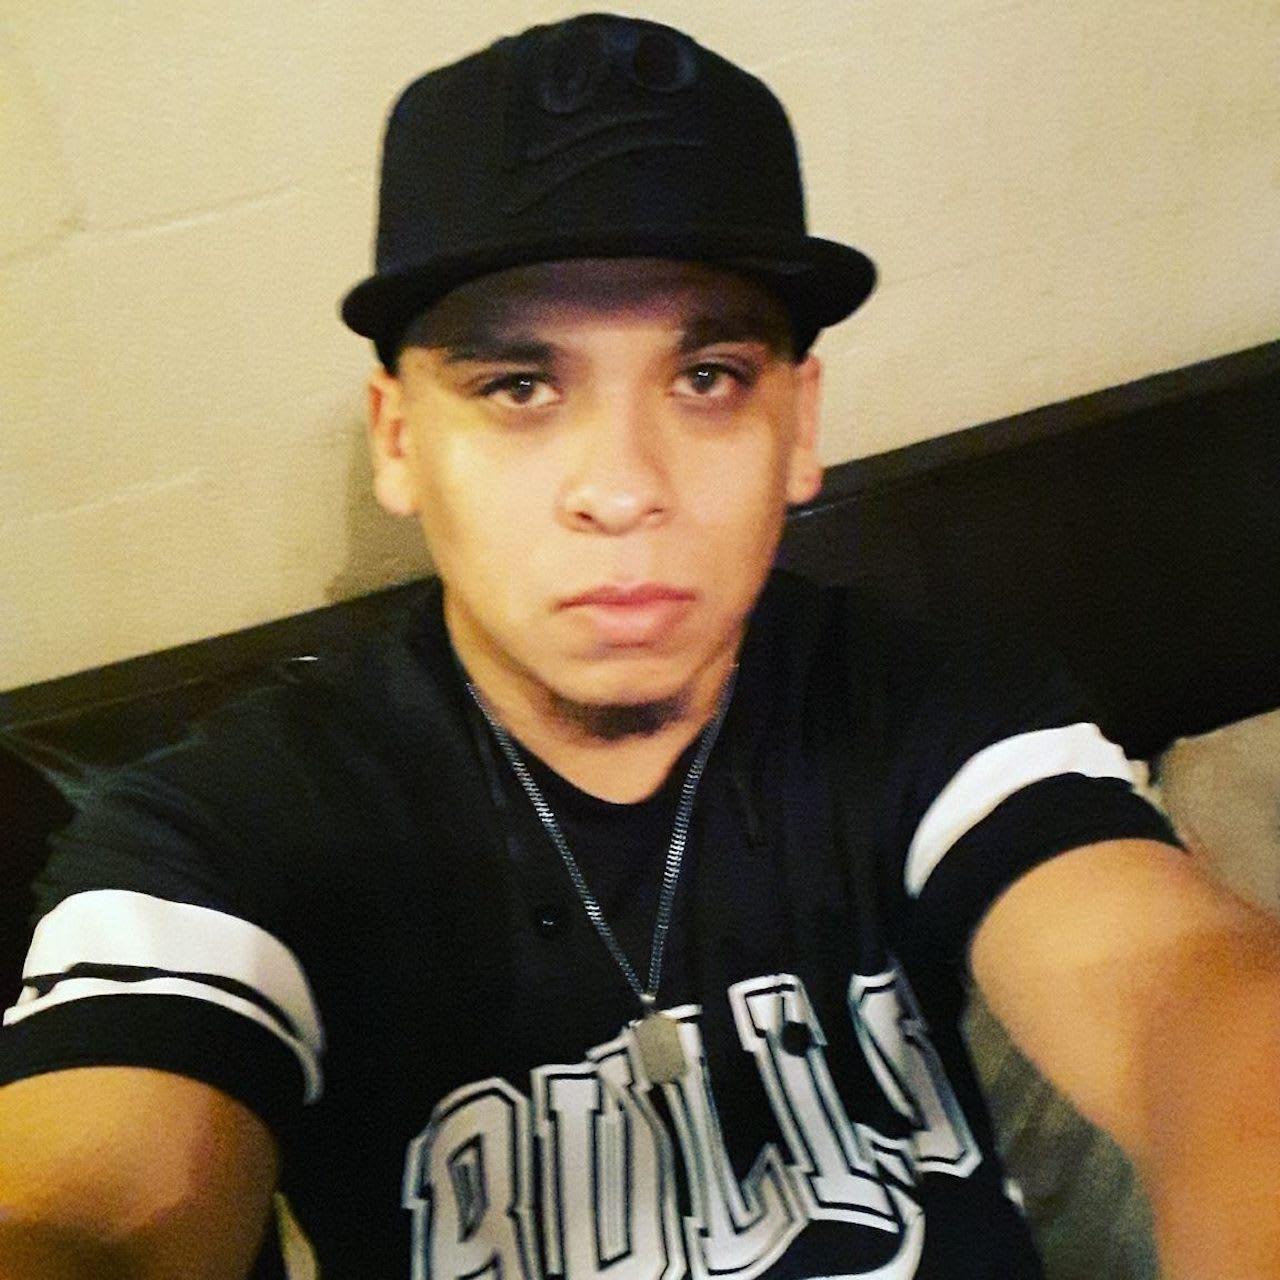 Christopher Reyes, en una foto proporcionada por su familia